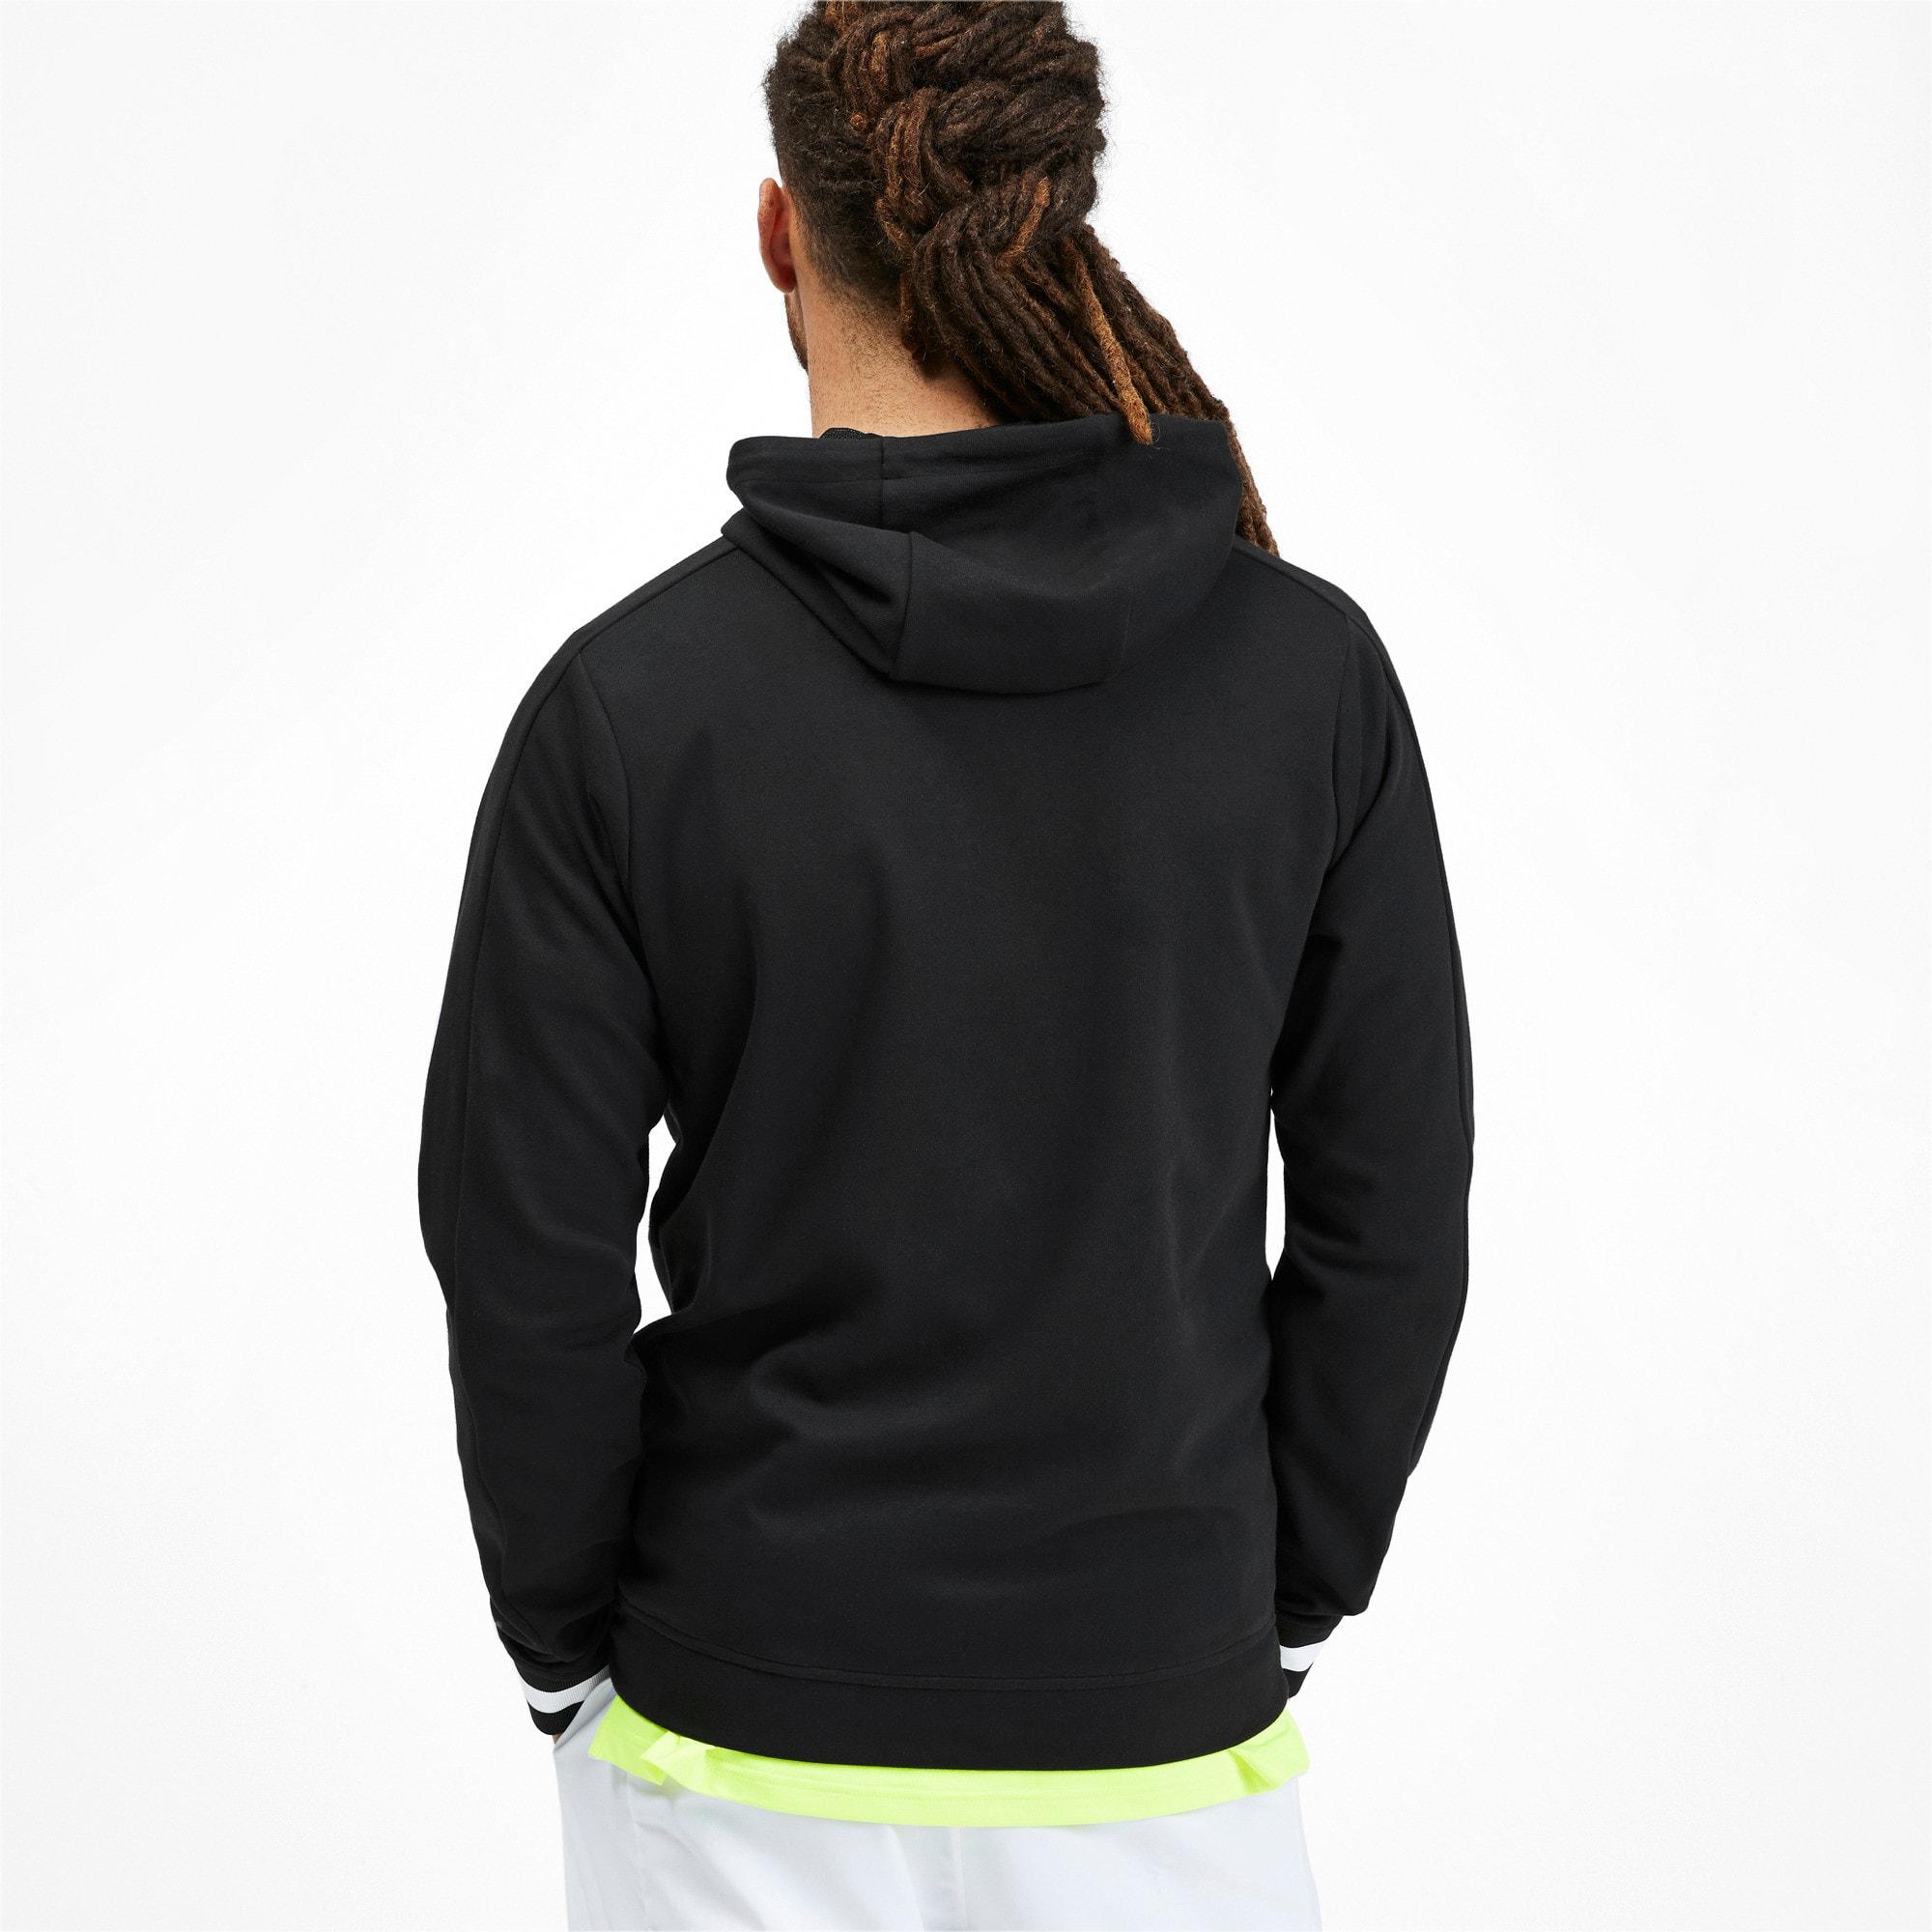 Thumbnail 2 of Collective hoodie voor heren, Puma Black, medium